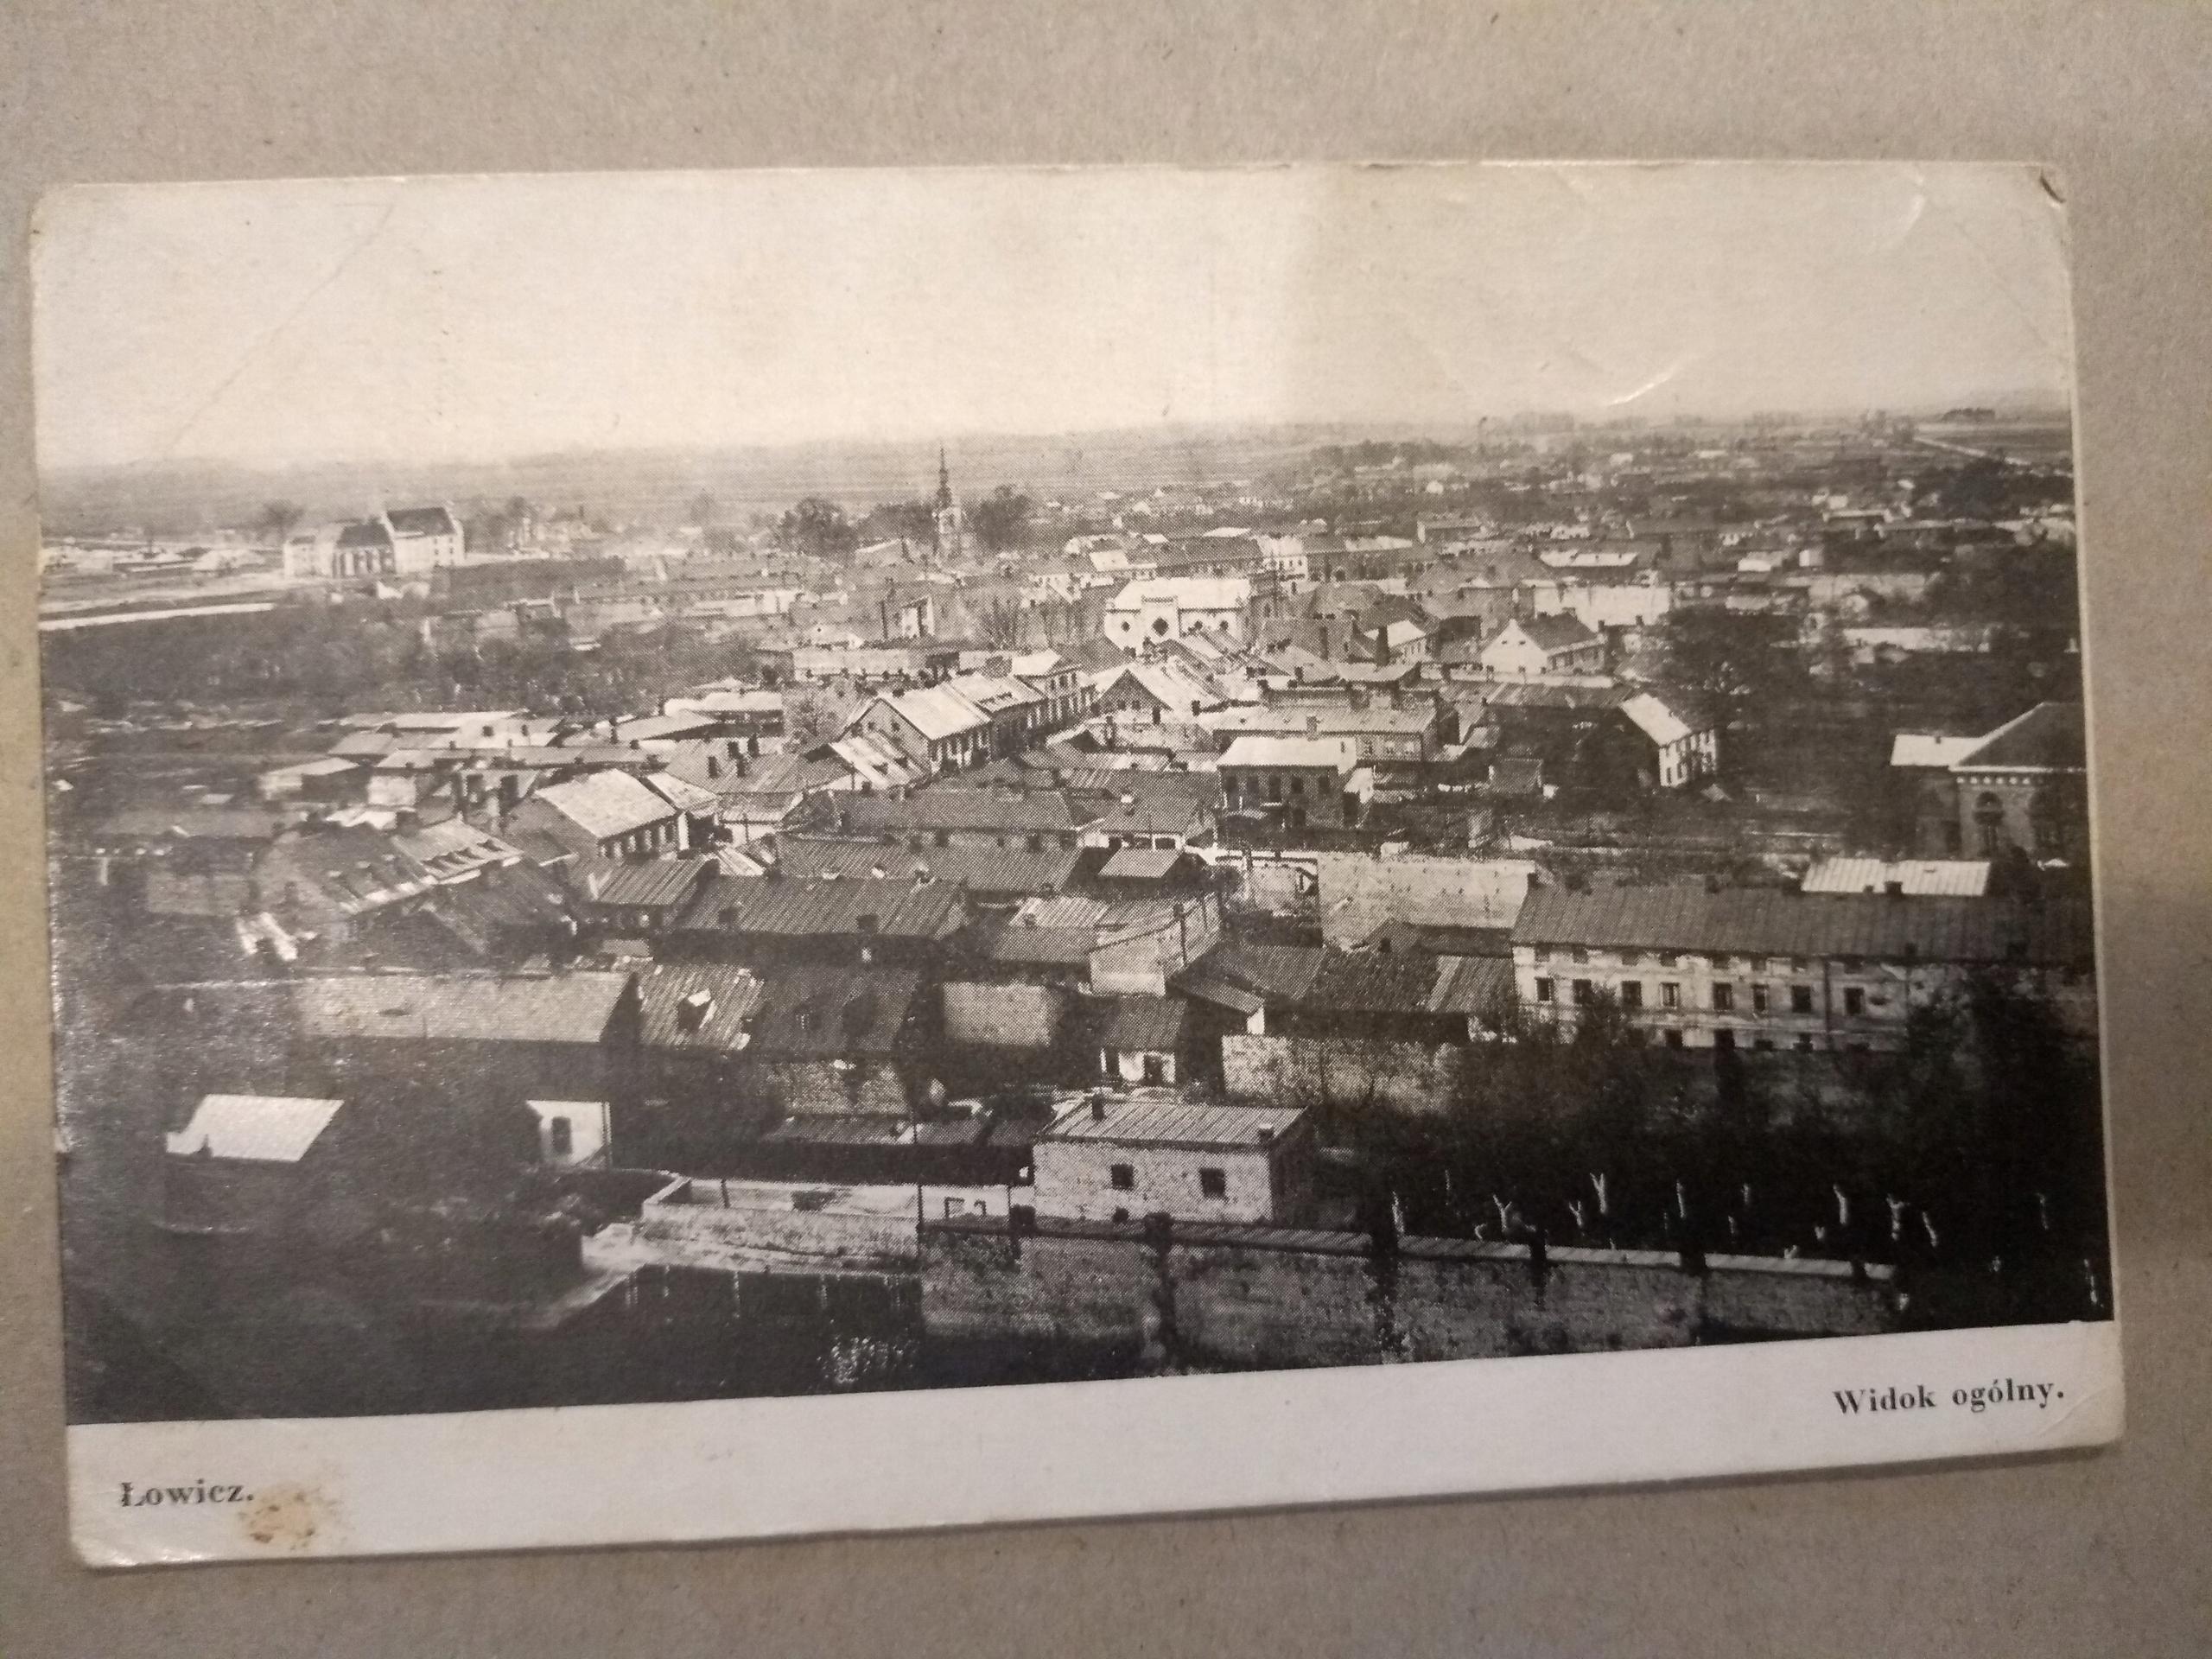 Łowicz pohľad na všeobecnú pohľadnicu